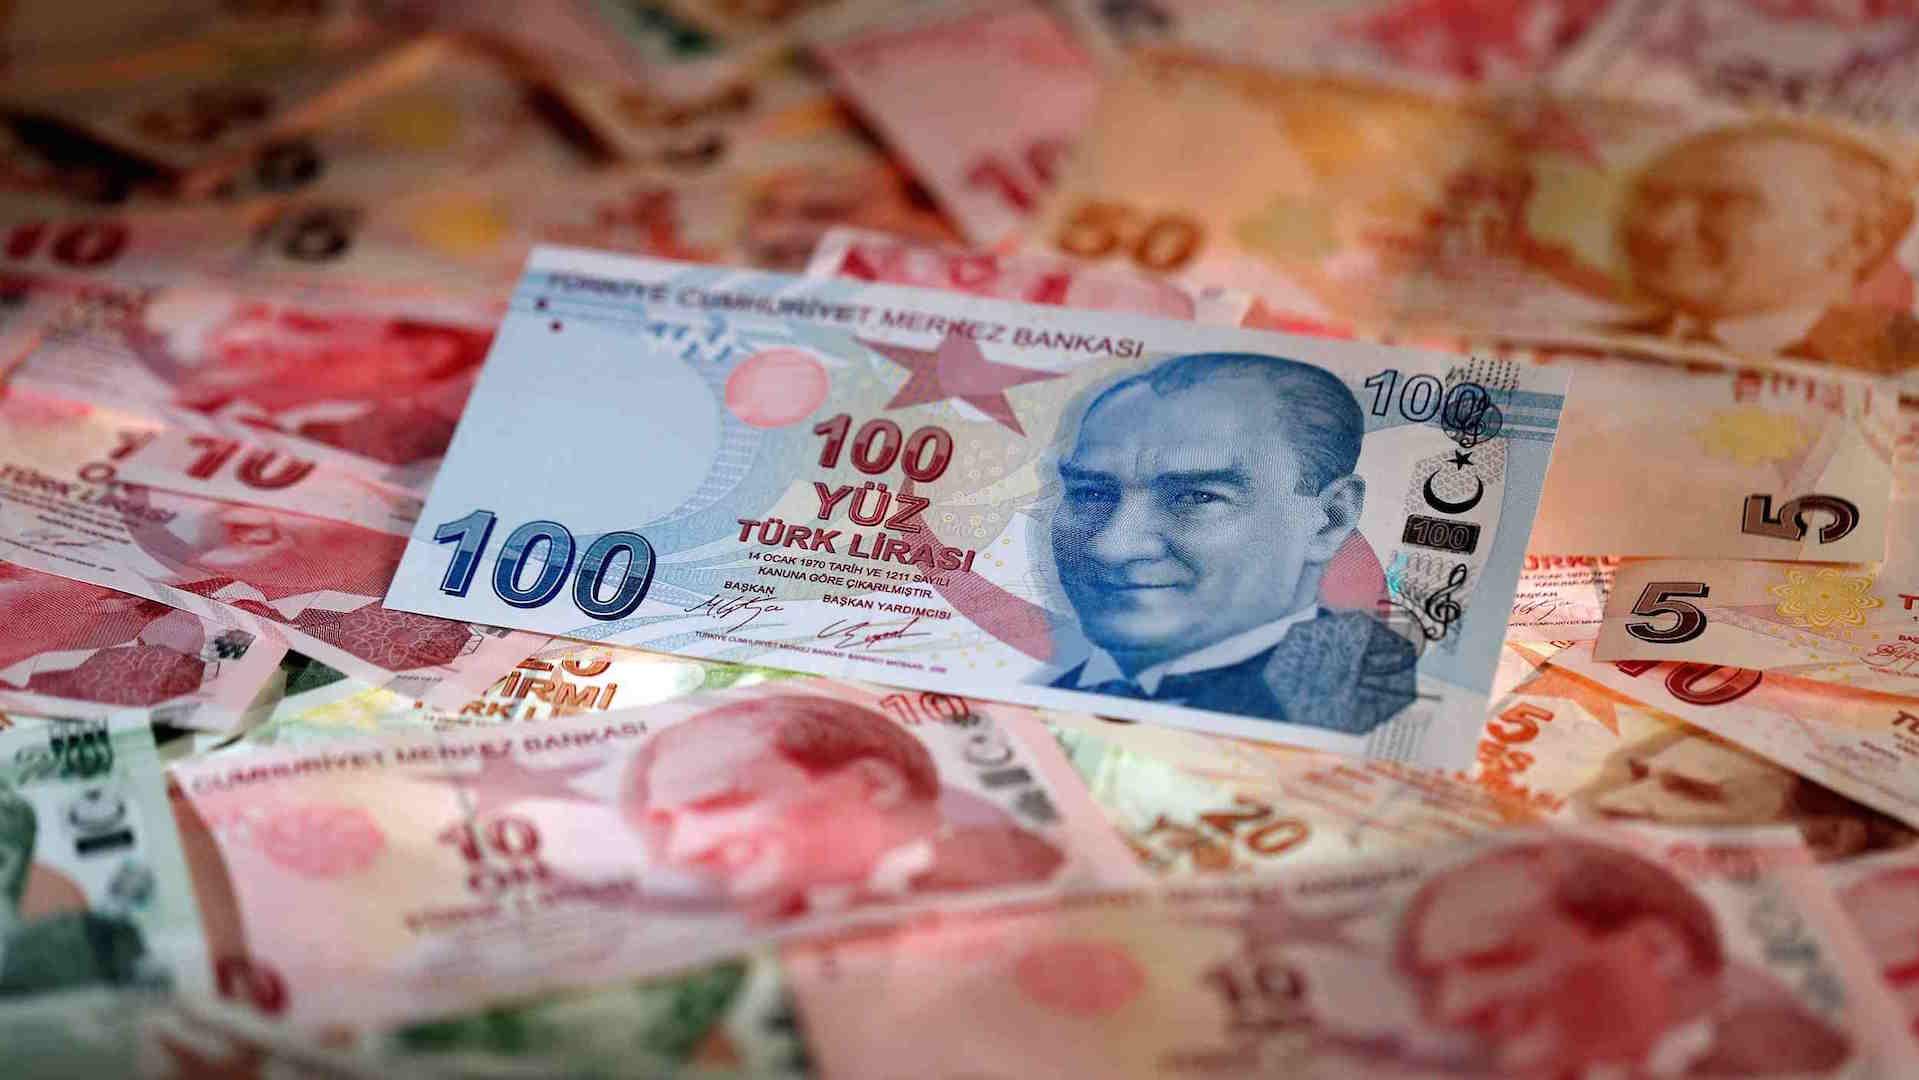 Turska: Ministarstvo finansija i trezora pozajmilo 1,8 milijardi turskih lira